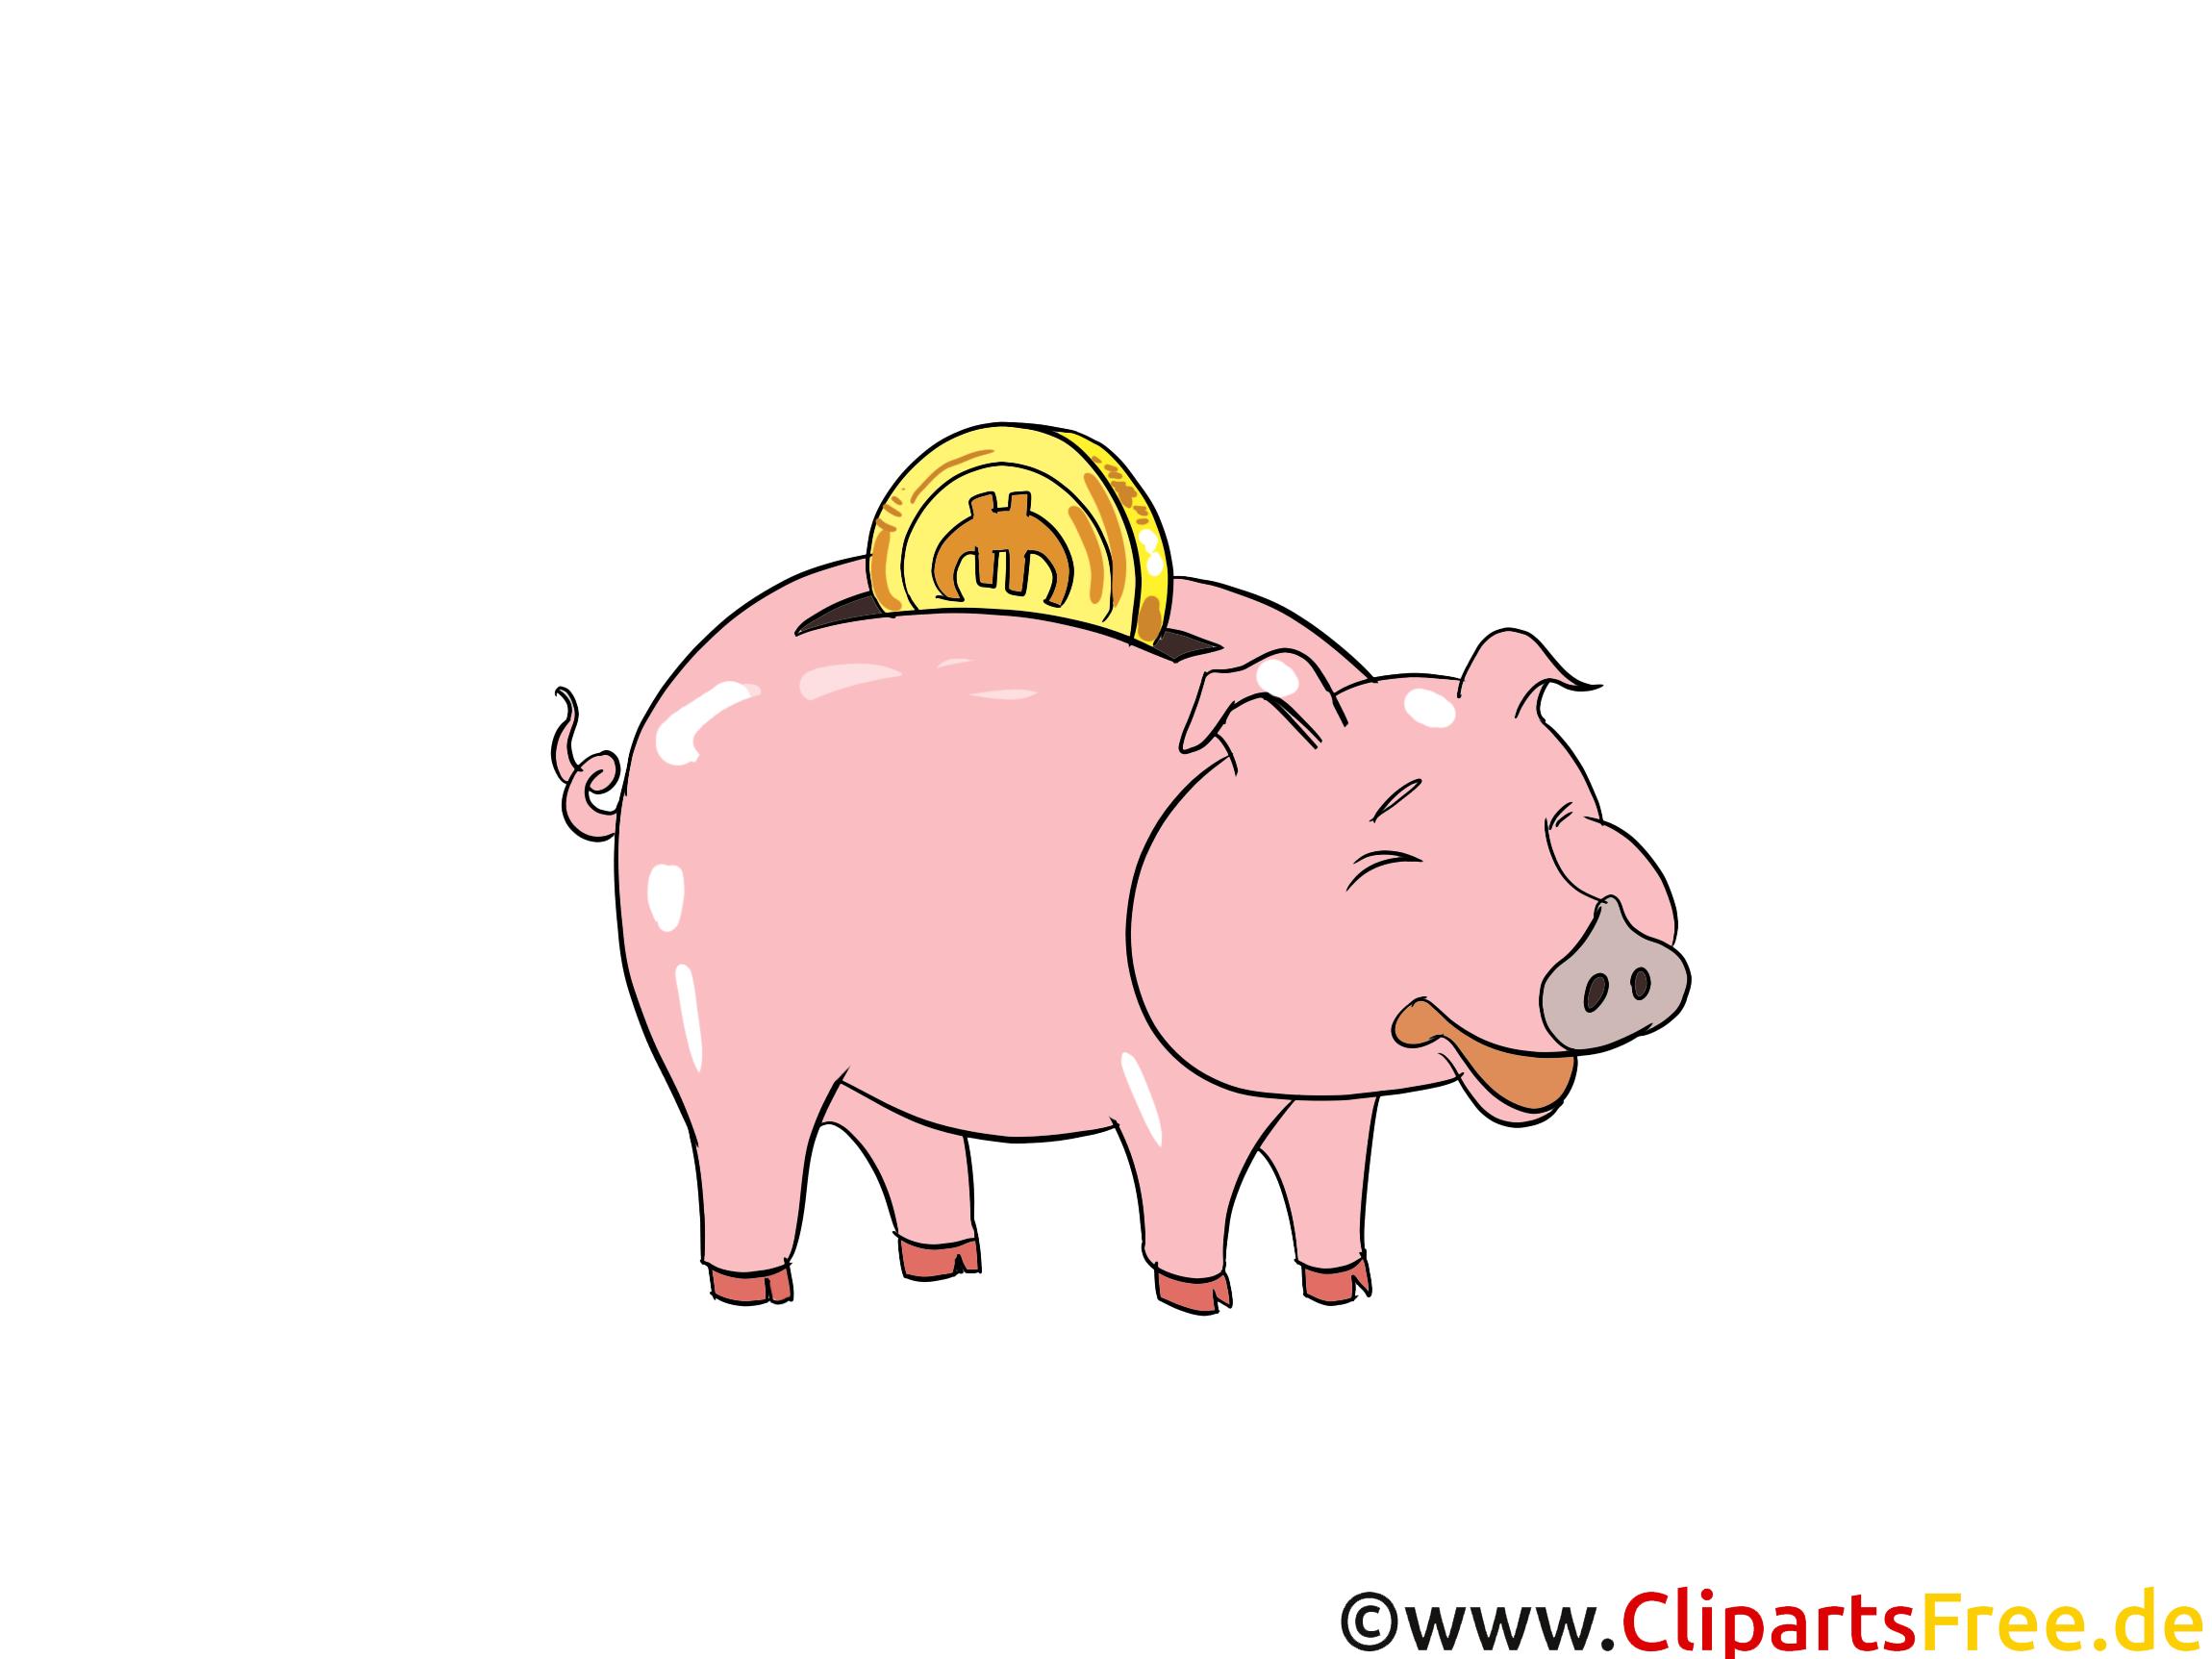 Piggy bank clip art free